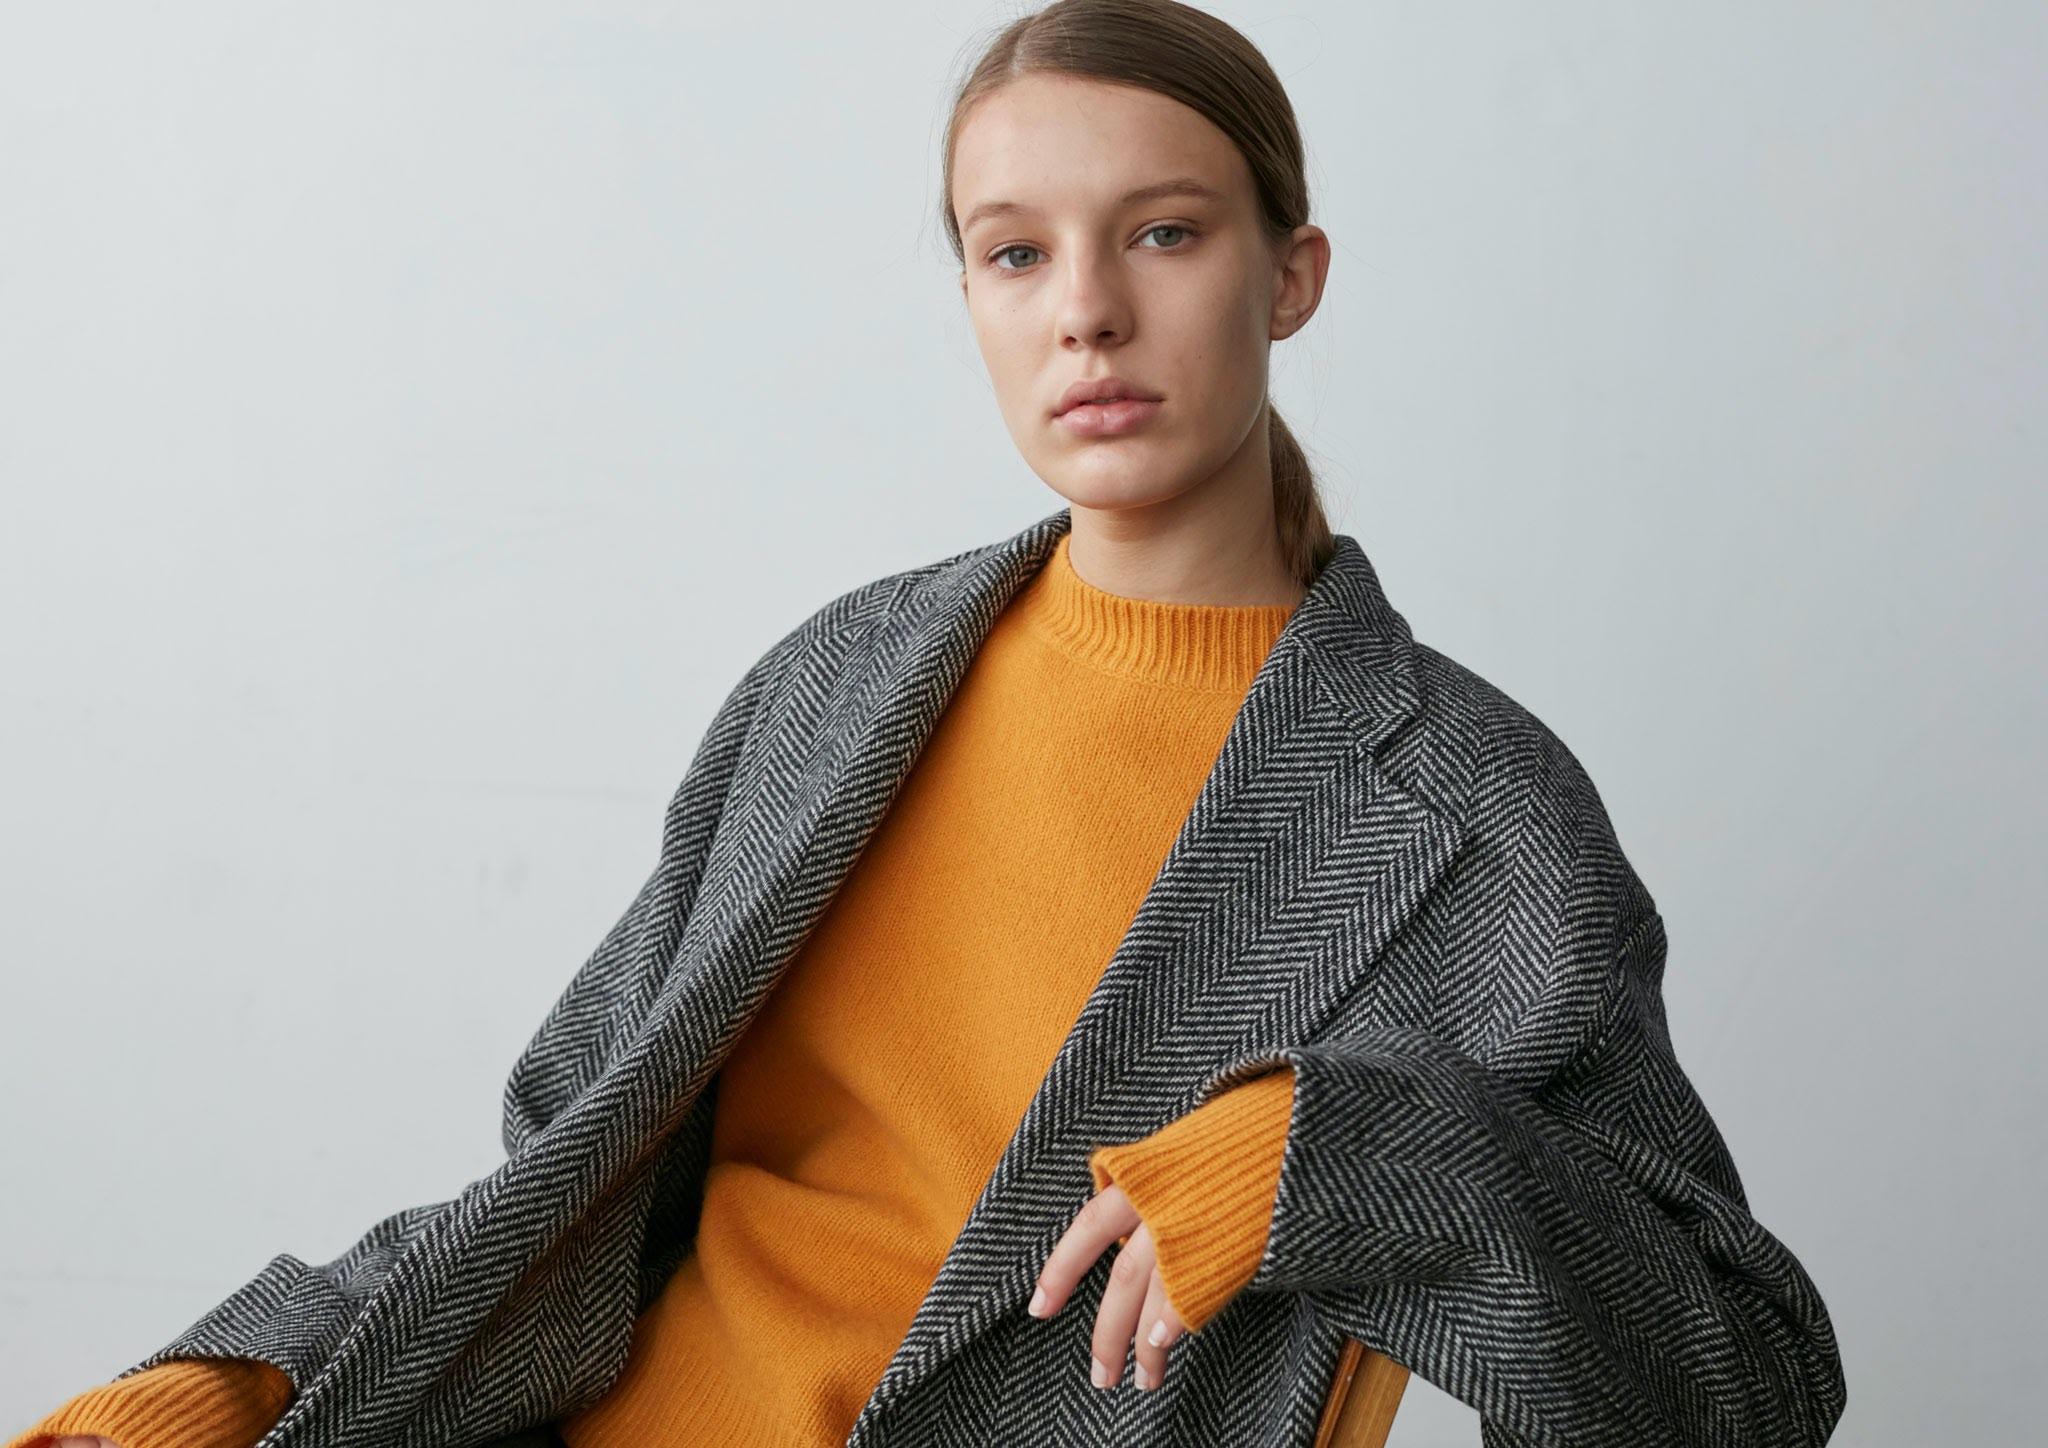 Profile image for Studio Nicholson